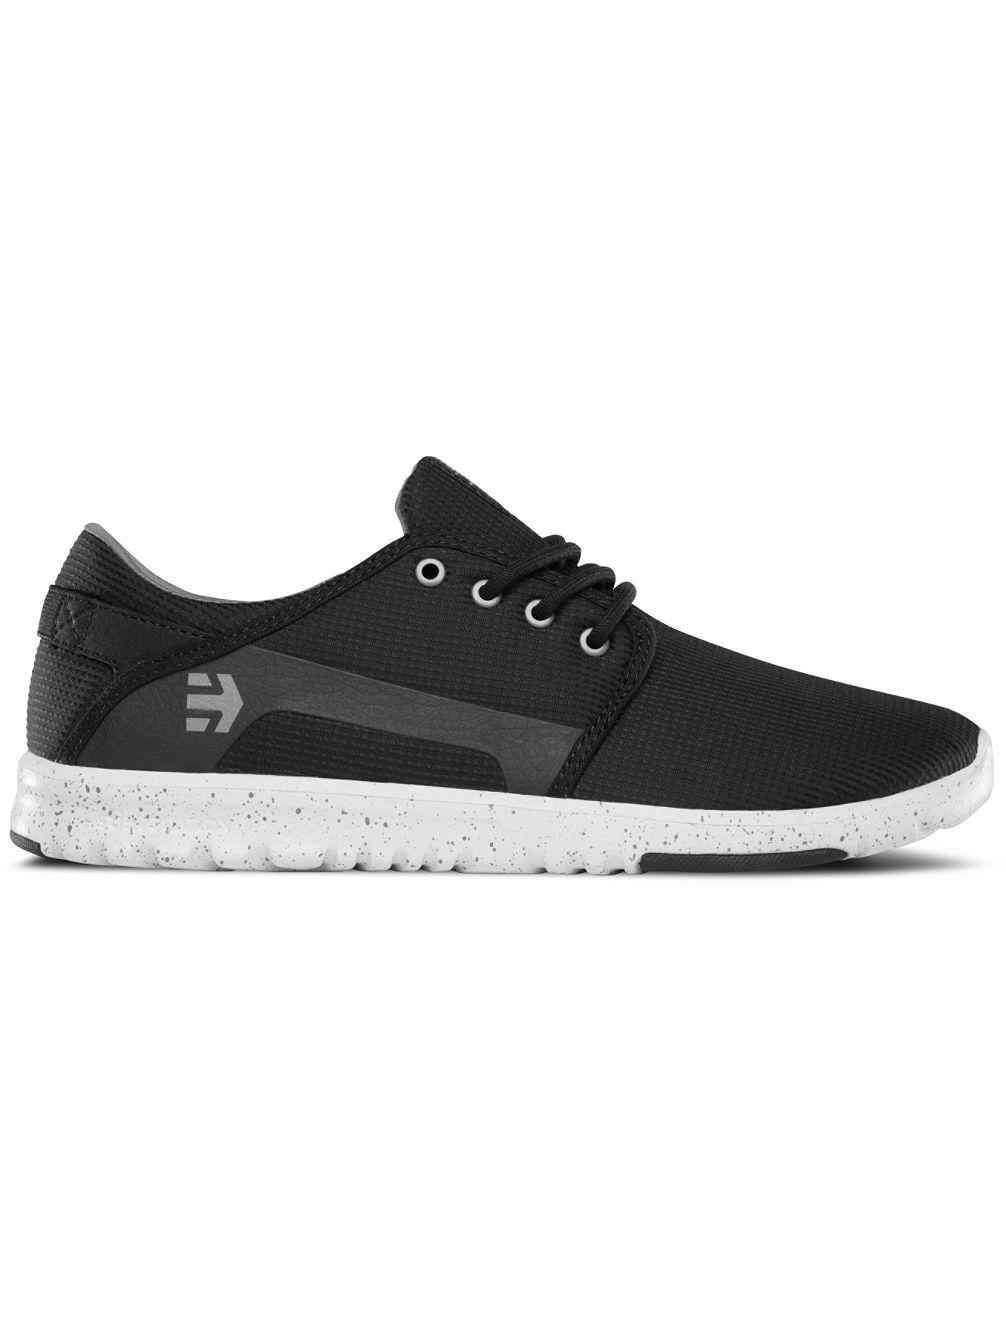 etnies-scout-sneakers